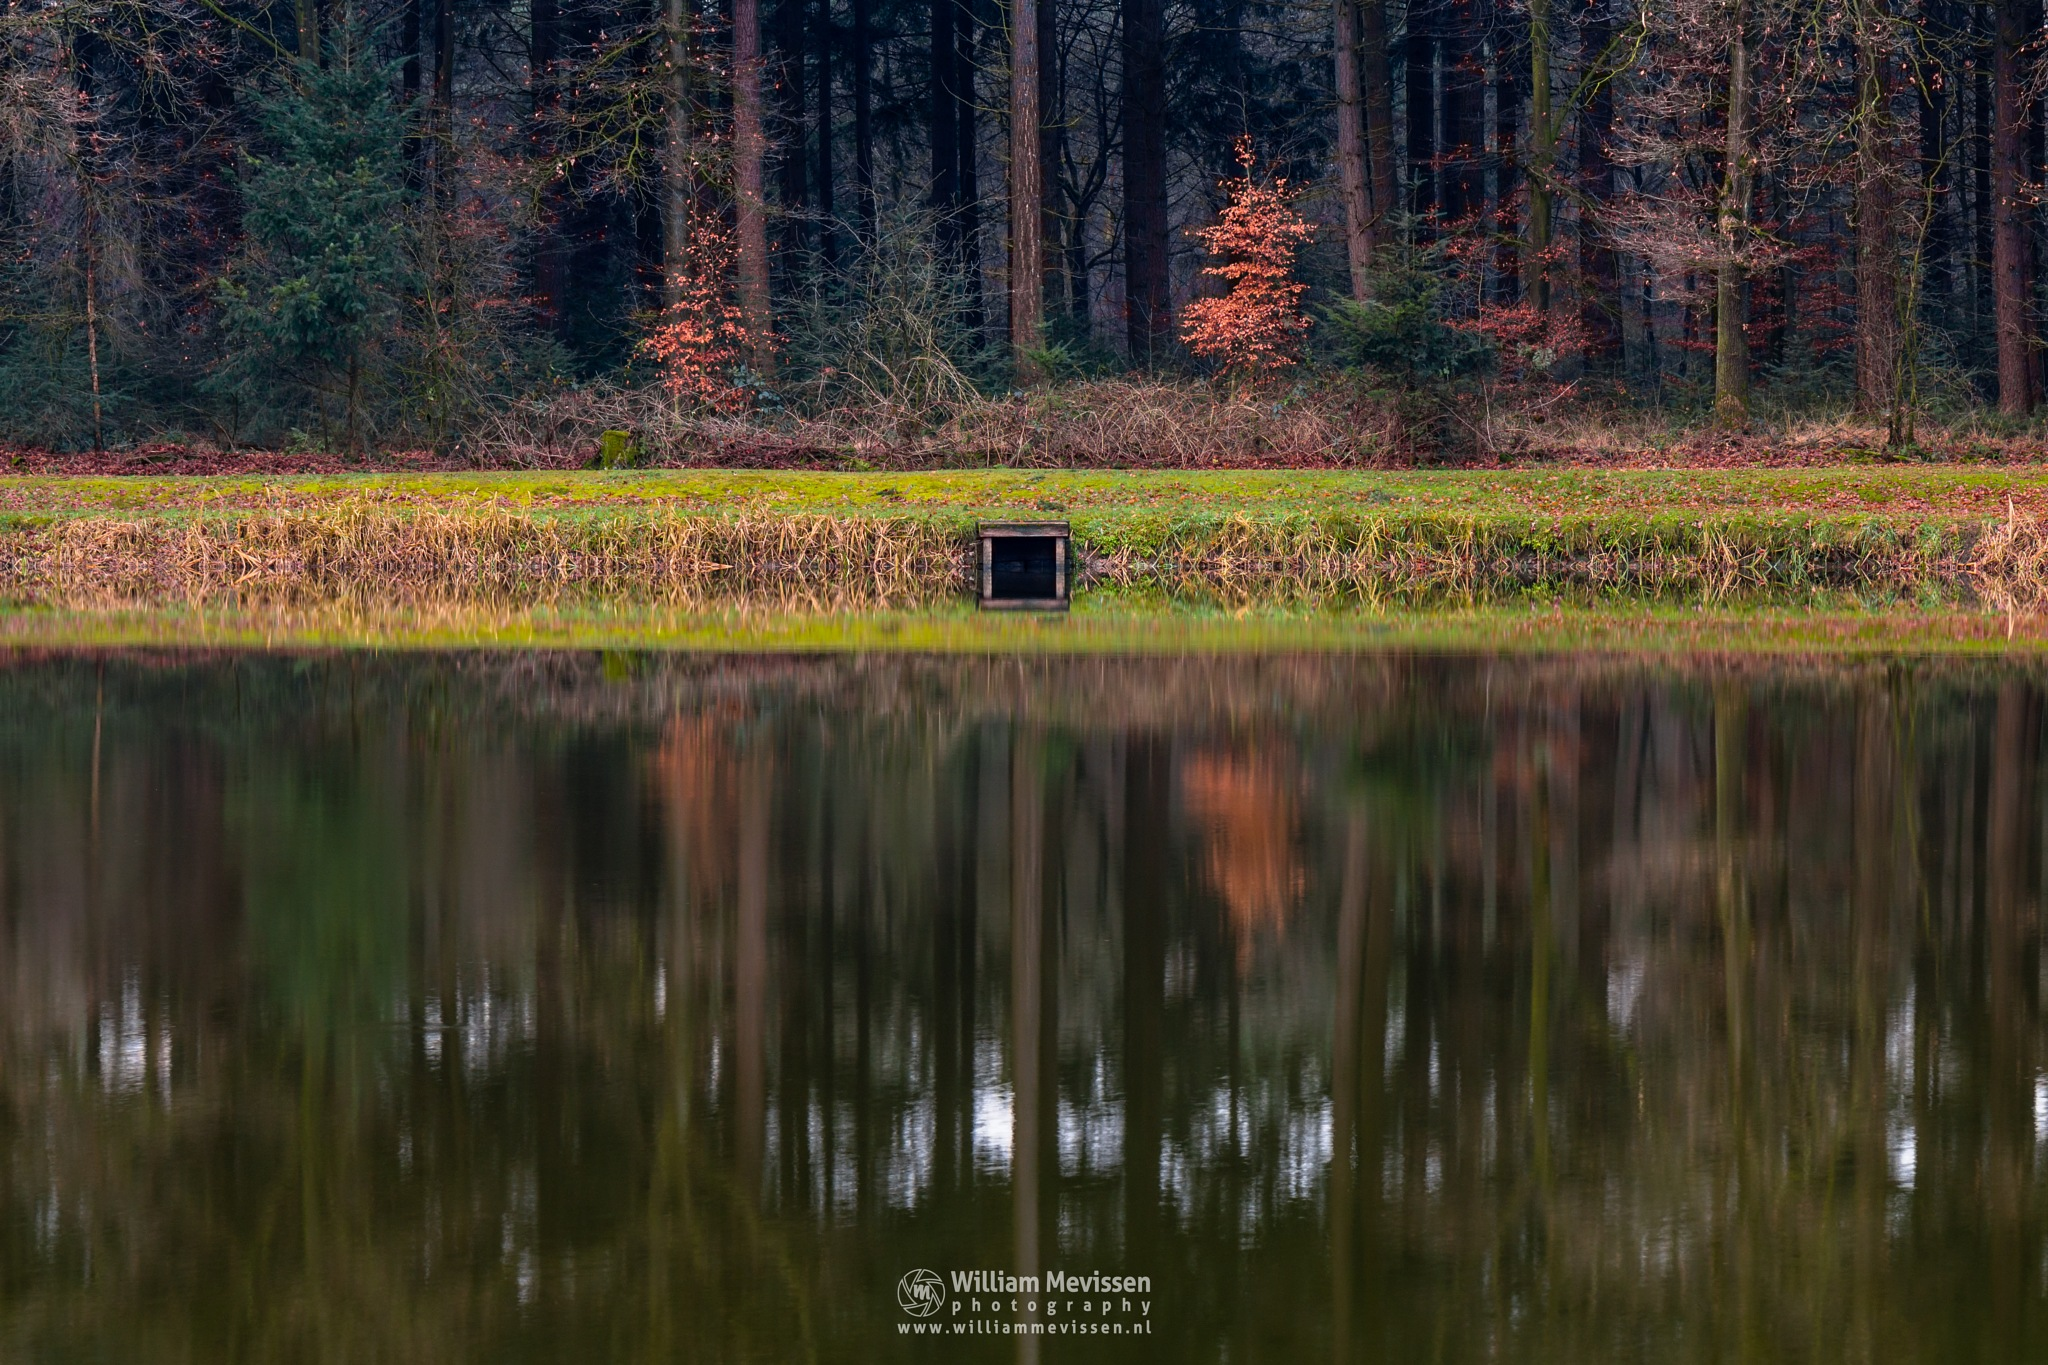 Forest Mirror by William Mevissen